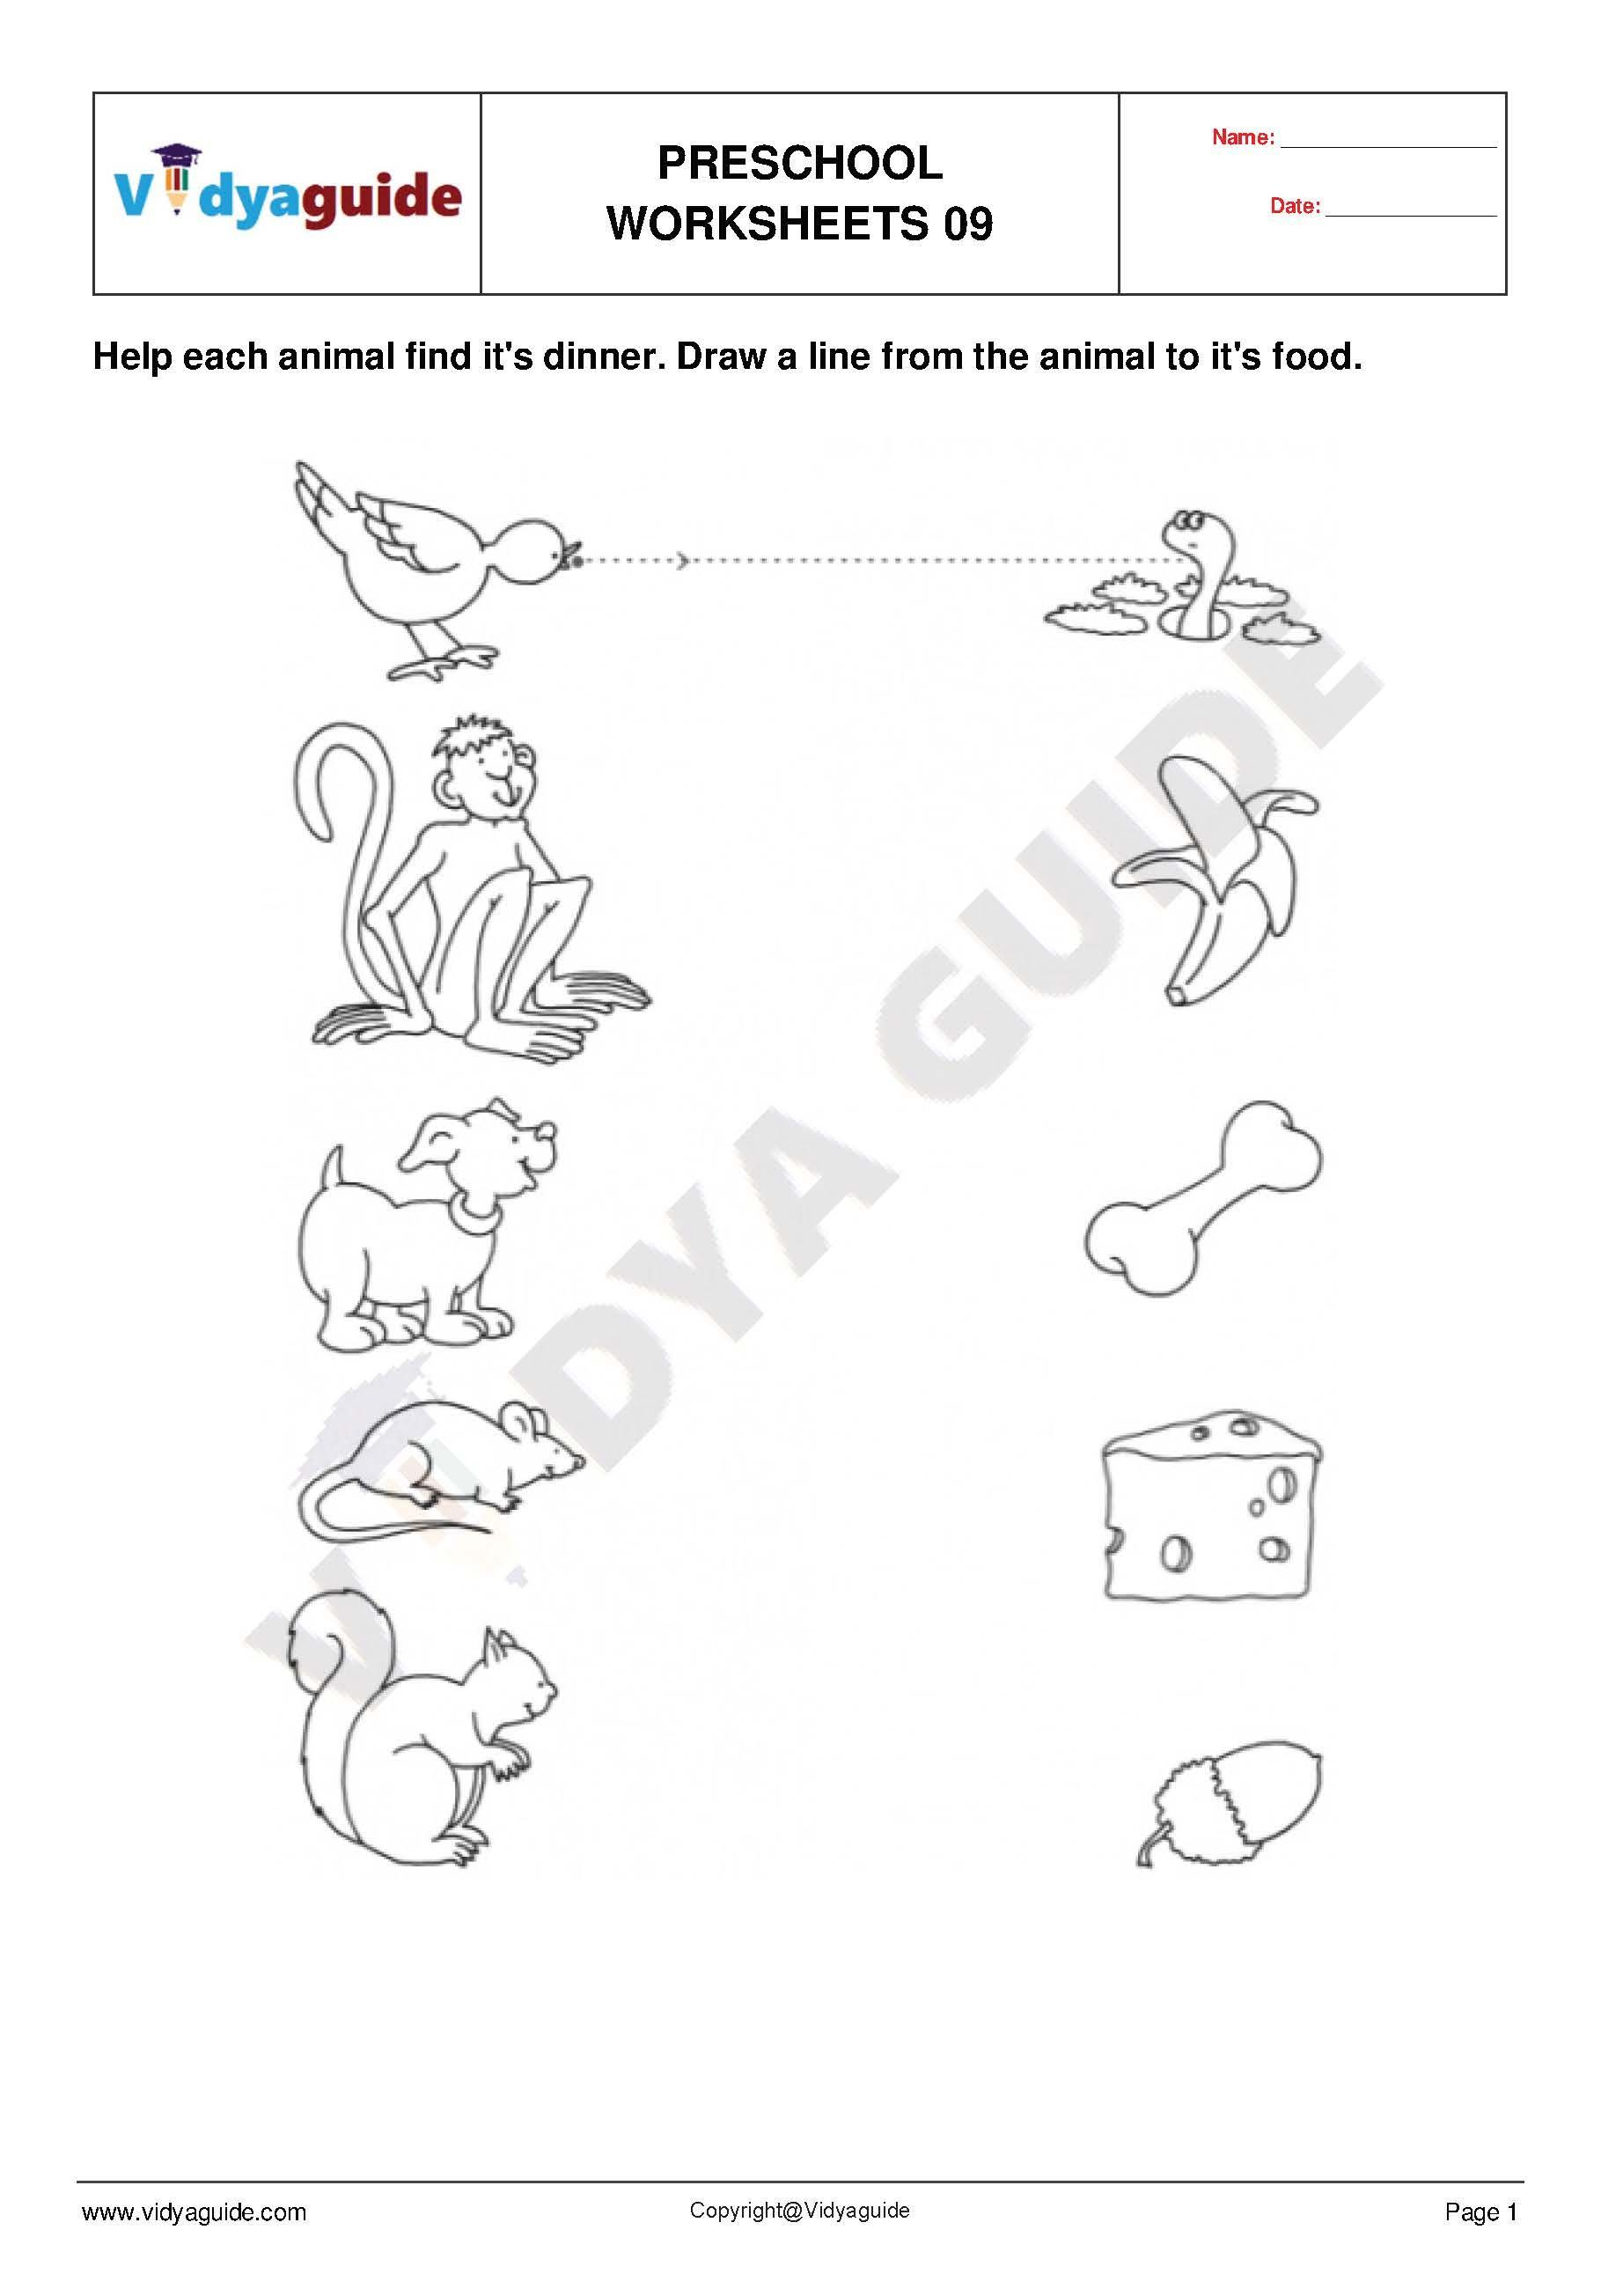 Download Free Printable Preschool Worksheets As To